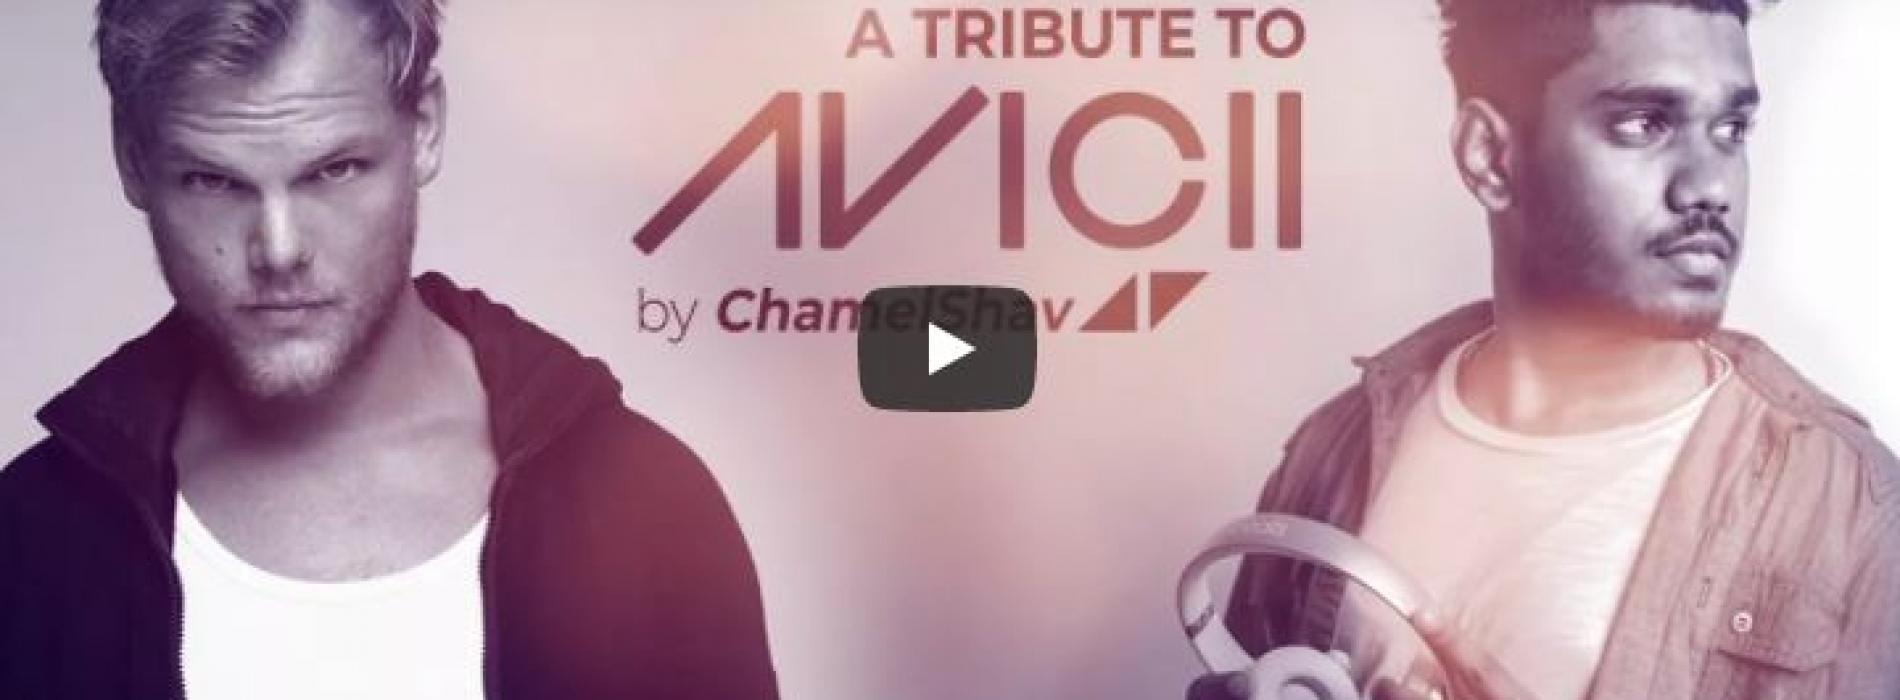 Tribute to Avicii (Mashup) – ChamelShav